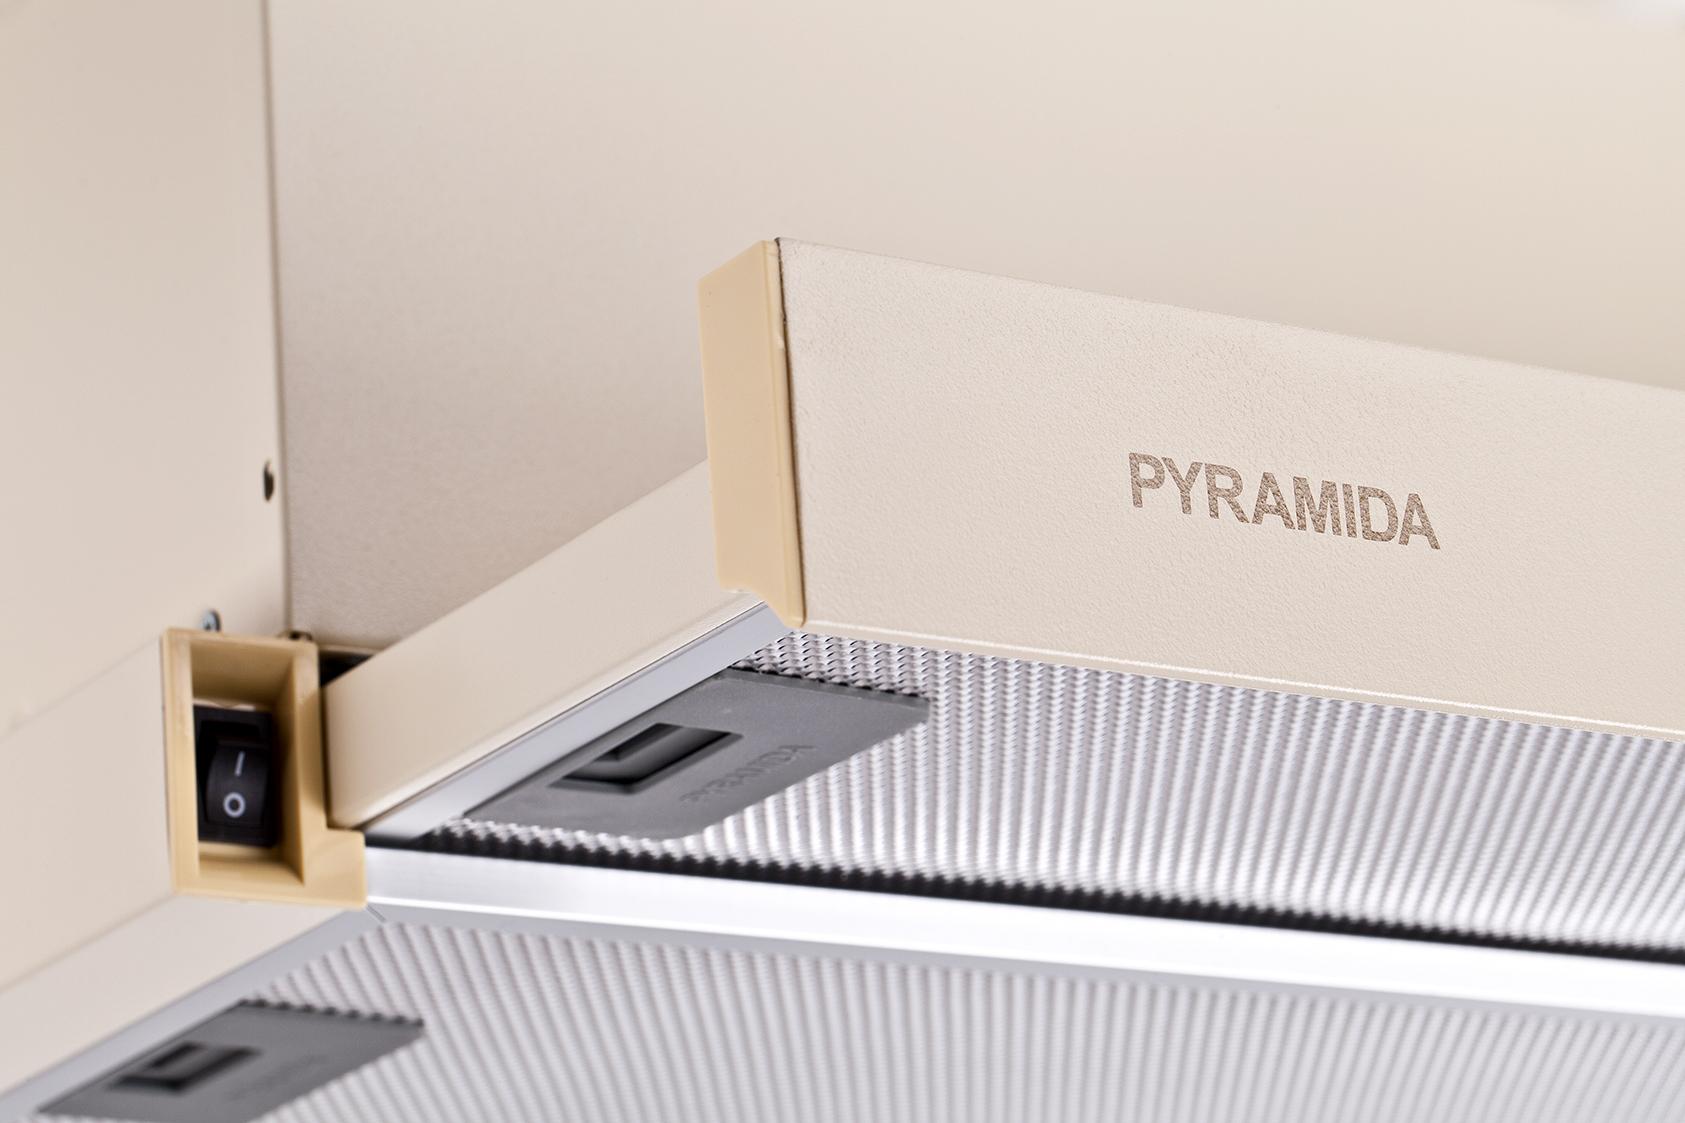 Вытяжка Pyramida Tl 60 iv